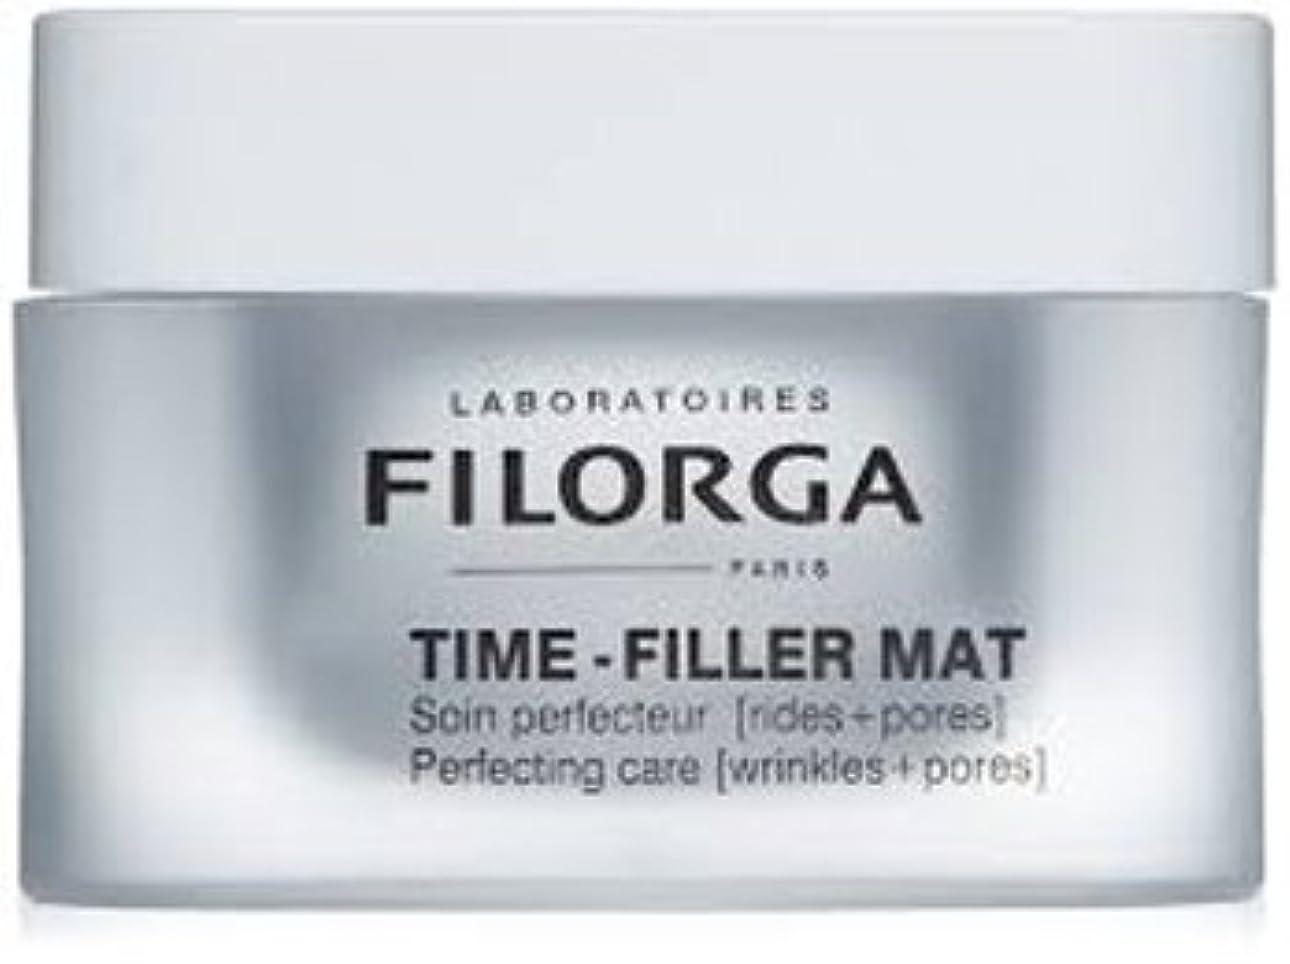 限りエイリアス教室[フィロルガ] タイムフィラーMAT TIME FILLER MAT 50ml [海外直送品][フランス直送品] [並行輸入品]